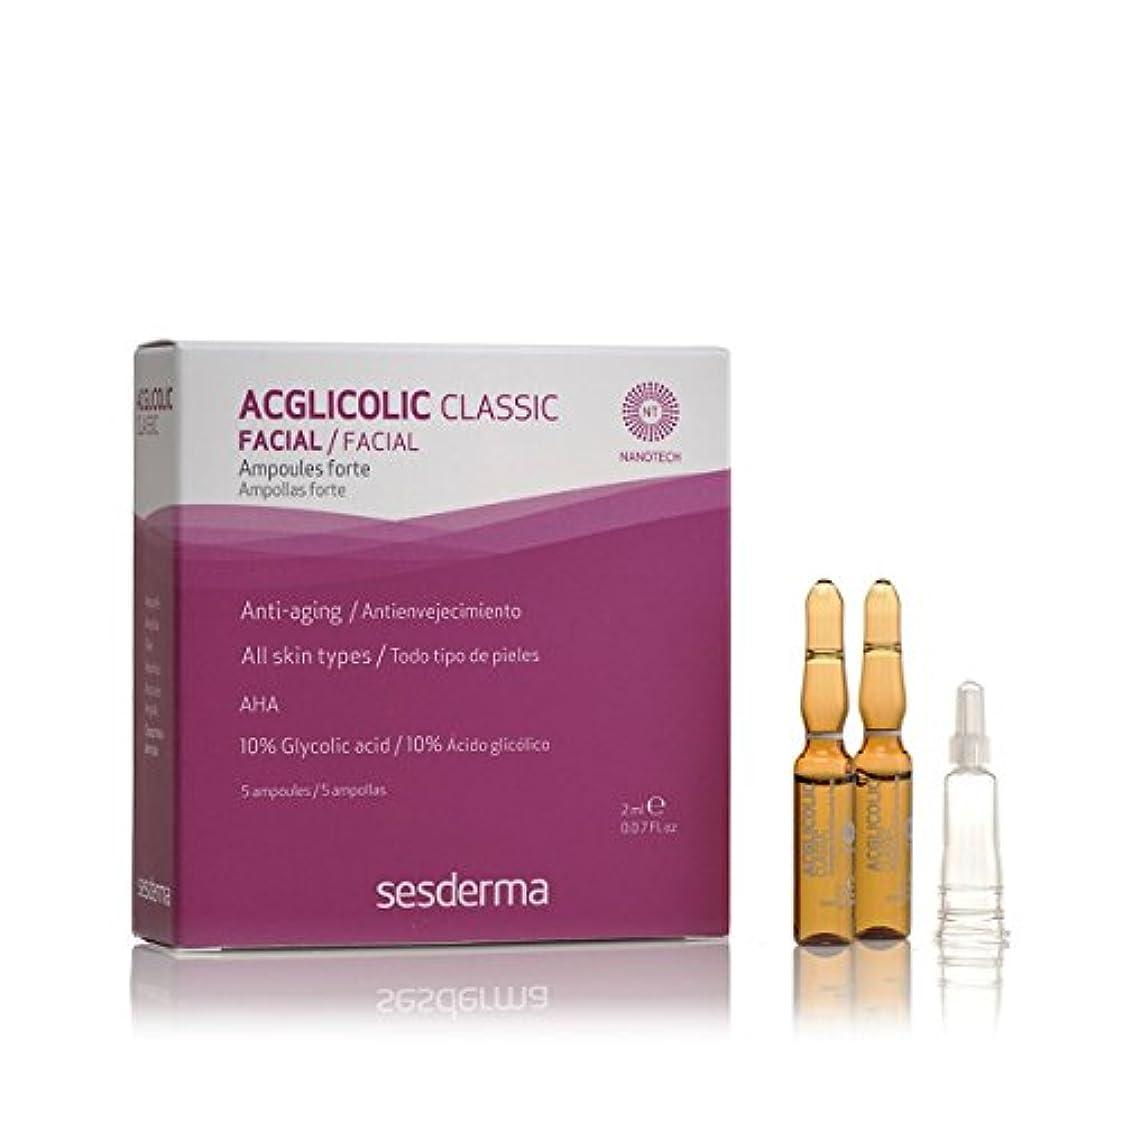 概要うま合併症Sesderma Acglicolic Classic Antiaging Ampoules 5x2ml [並行輸入品]